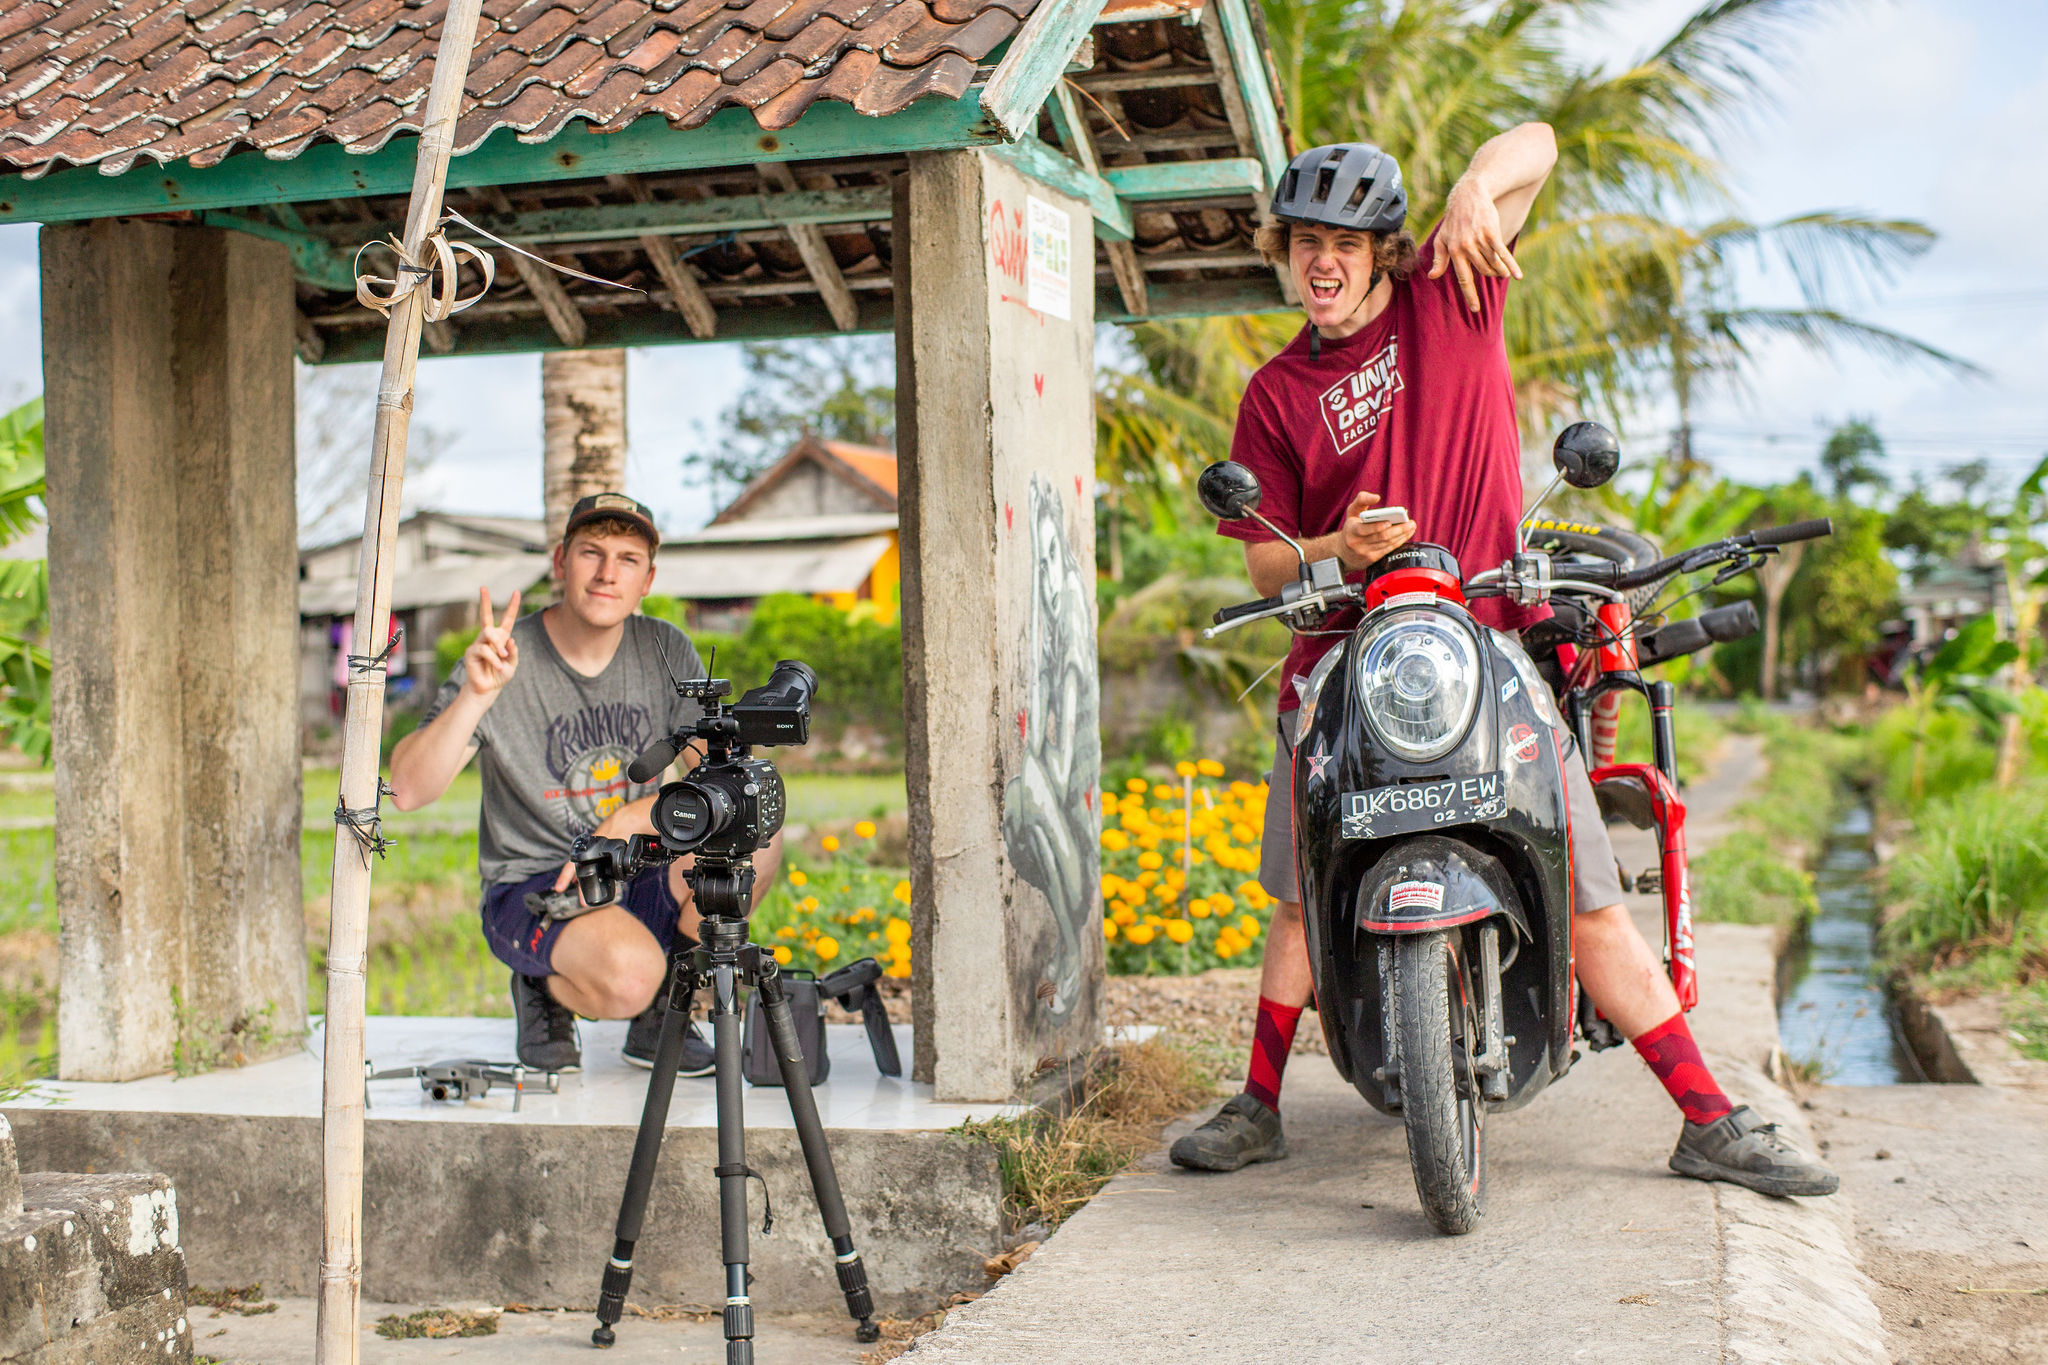 TheWrightLine-Bali-Stills-21-2048x1365-23b82a1f-a242-4136-8996-bbf74c2e7fdc.jpg